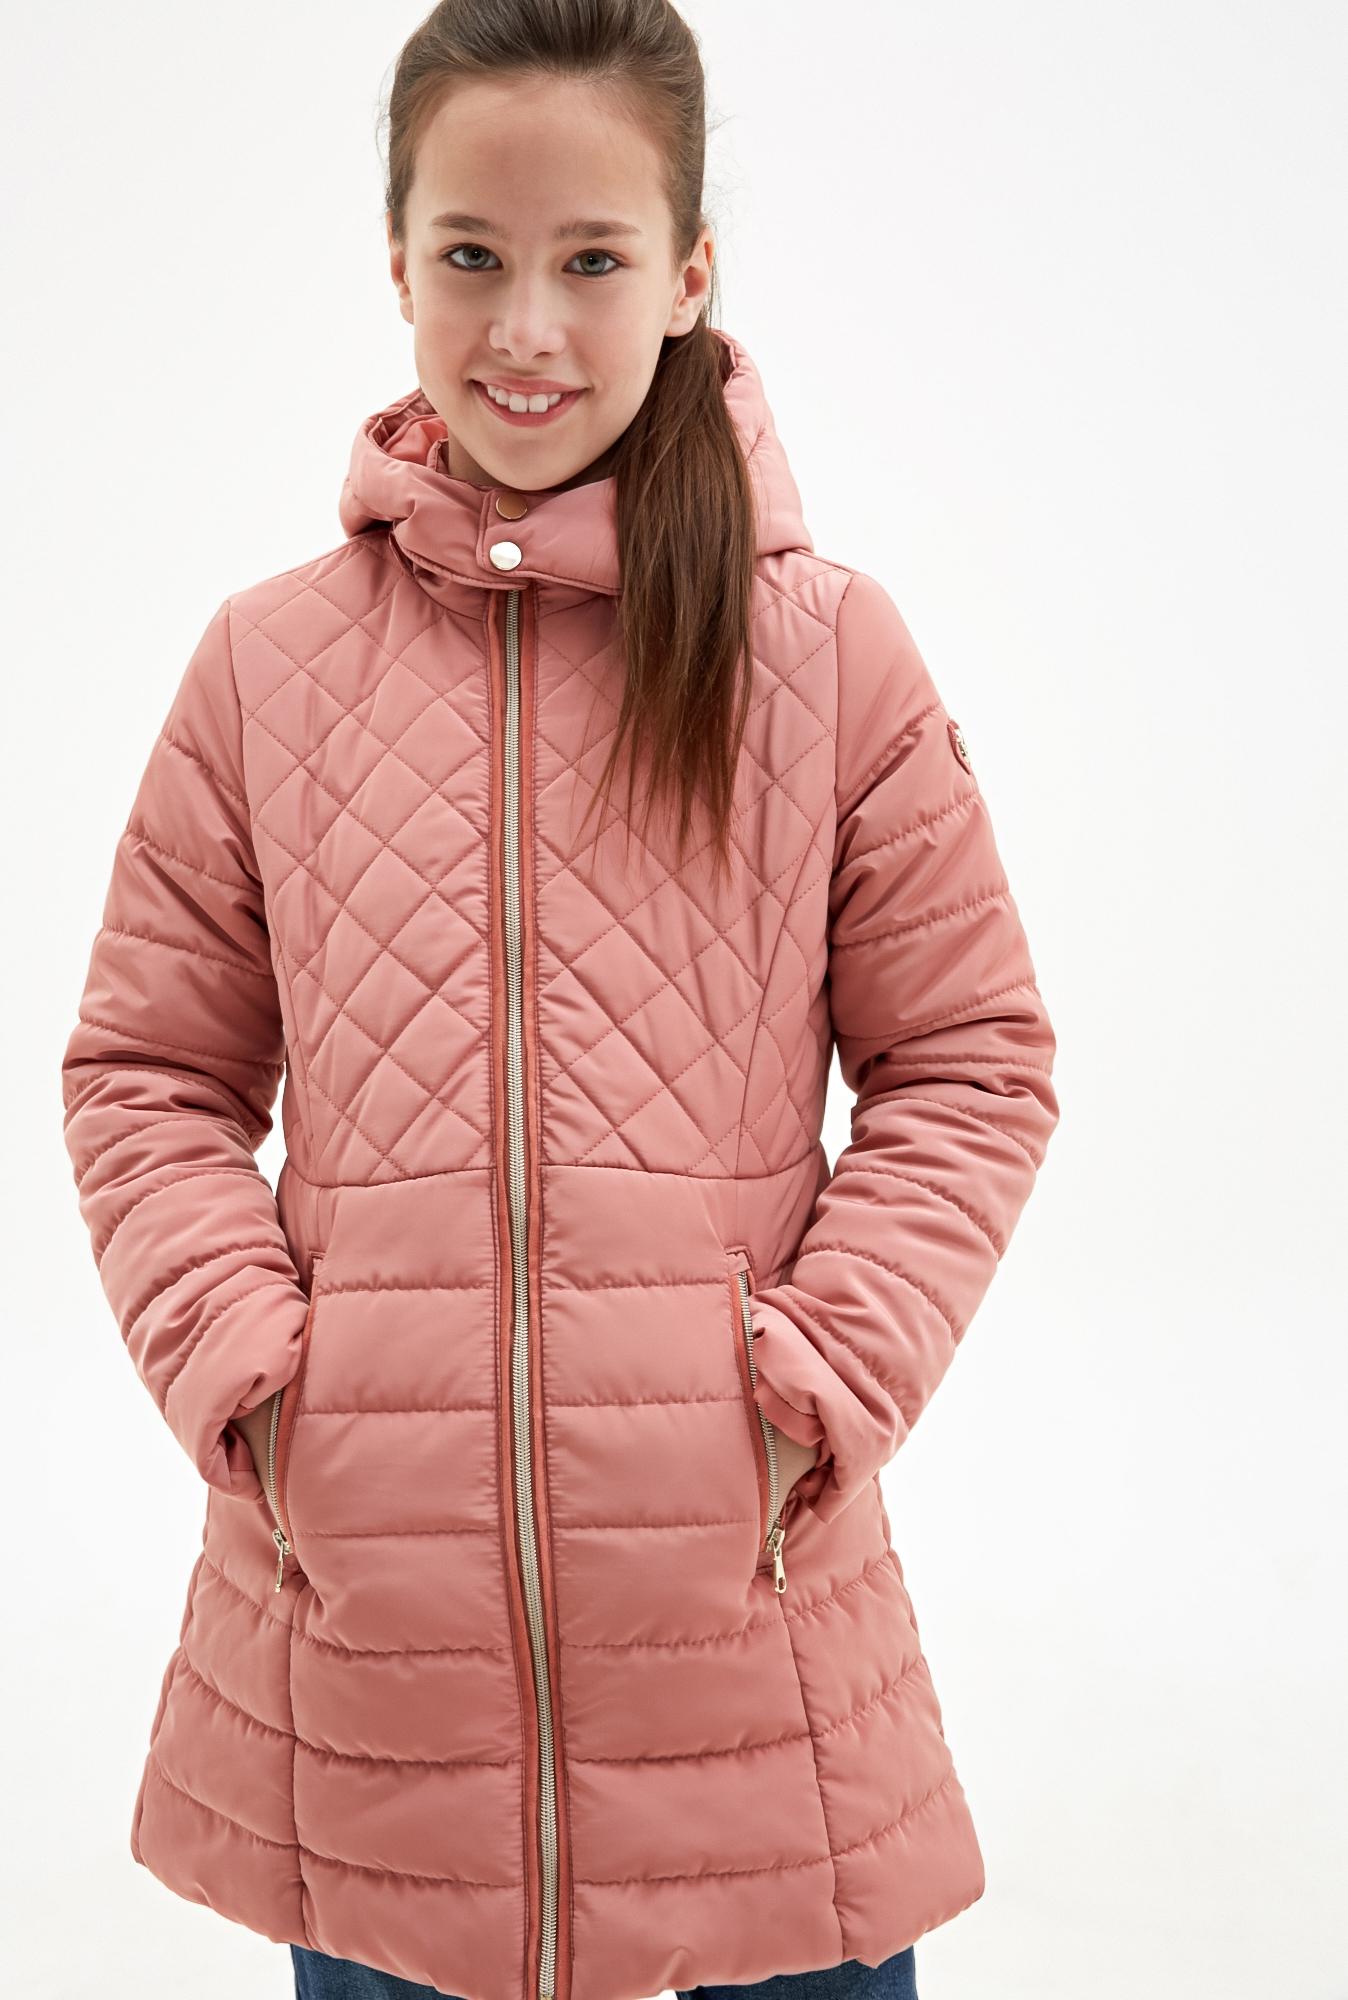 Пальто детское для девочек Zimia_S светло-розовый